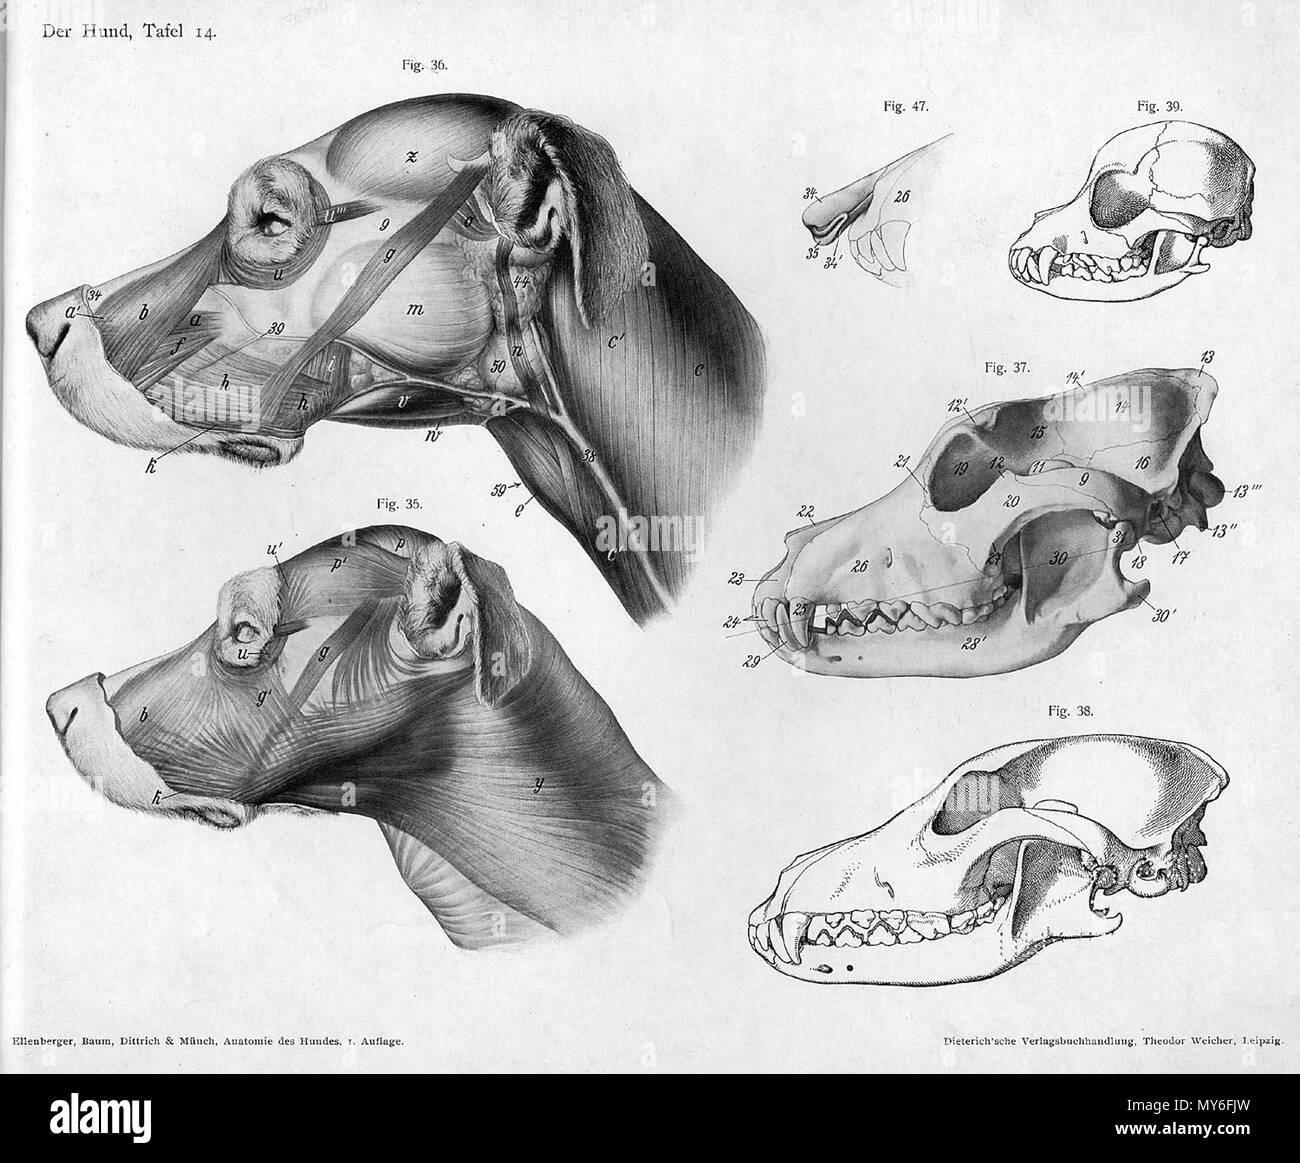 Fantastisch Anatomie Des Hundes Magen Bilder - Menschliche Anatomie ...